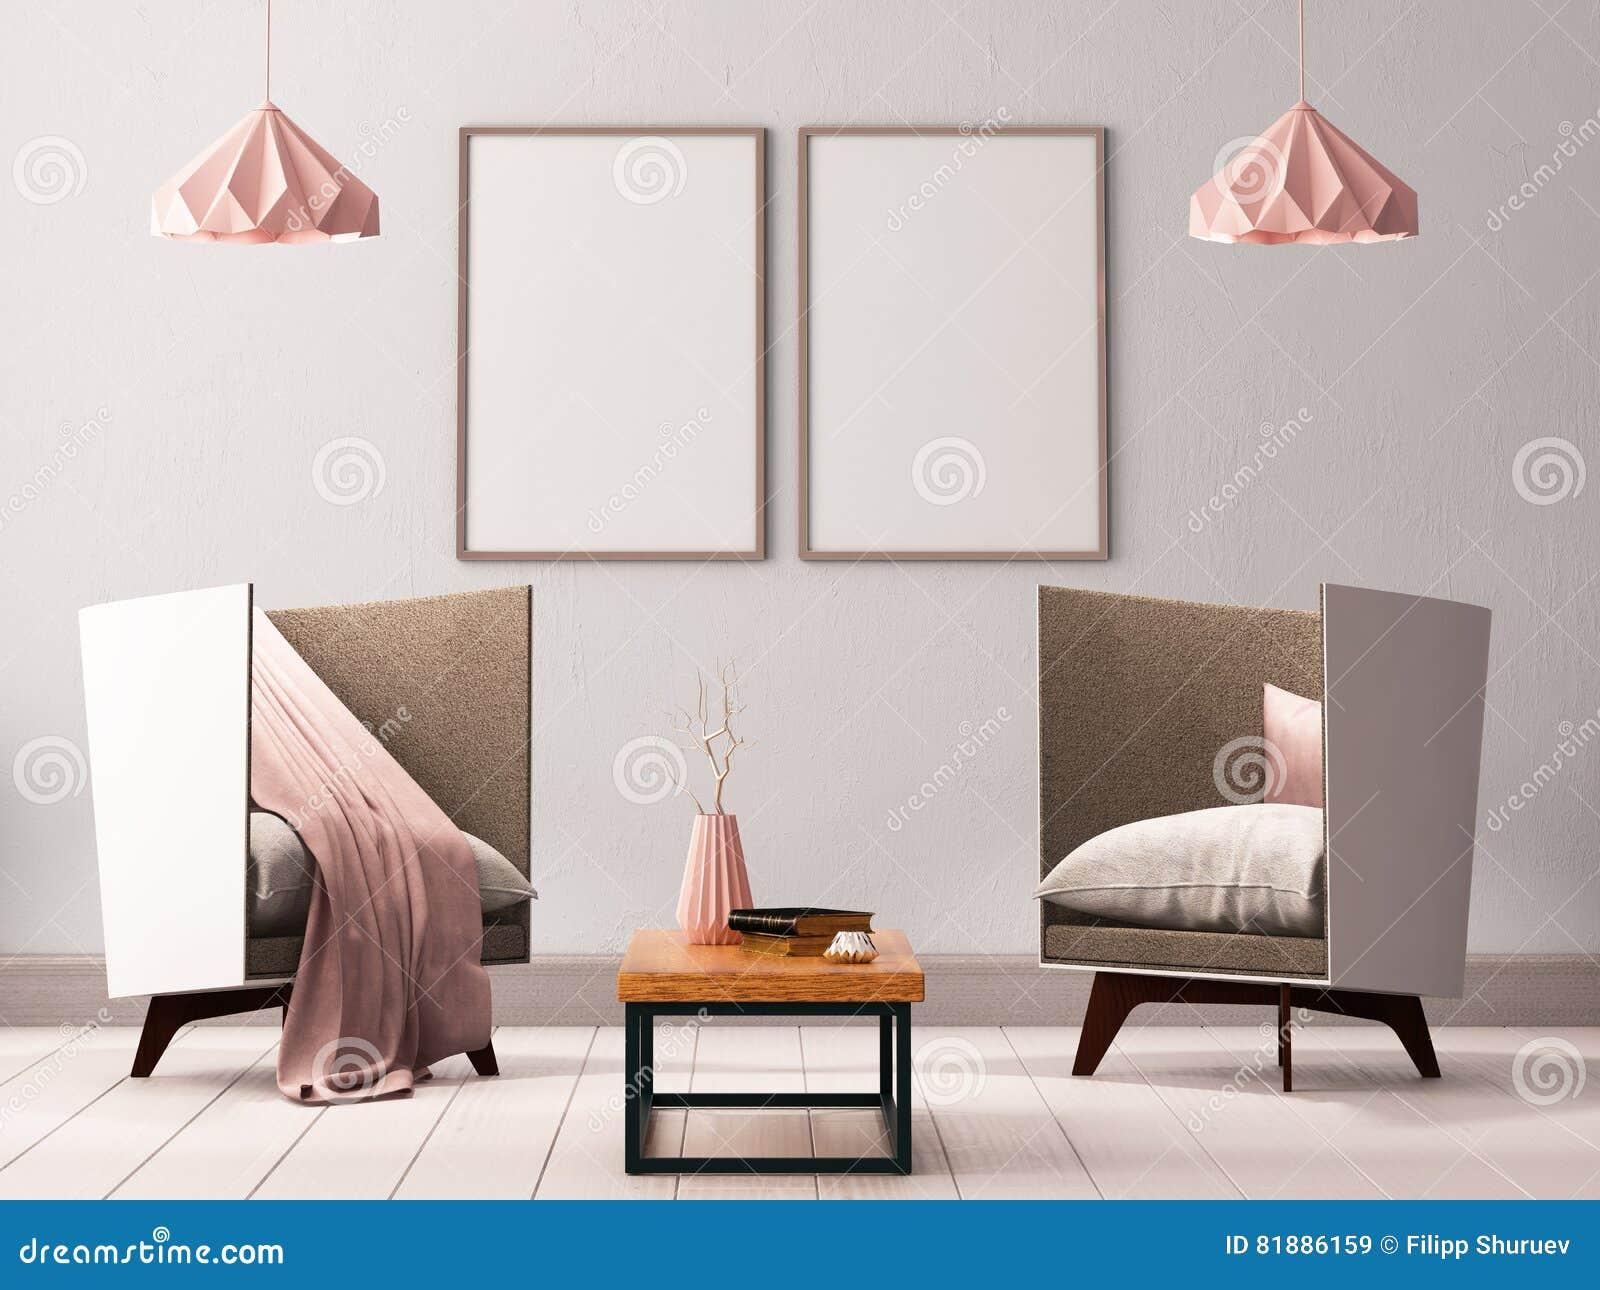 Förlöjliga upp affischen i inre av en vardagsrum med fåtöljer och lampor 3d illustrationen 3d framför